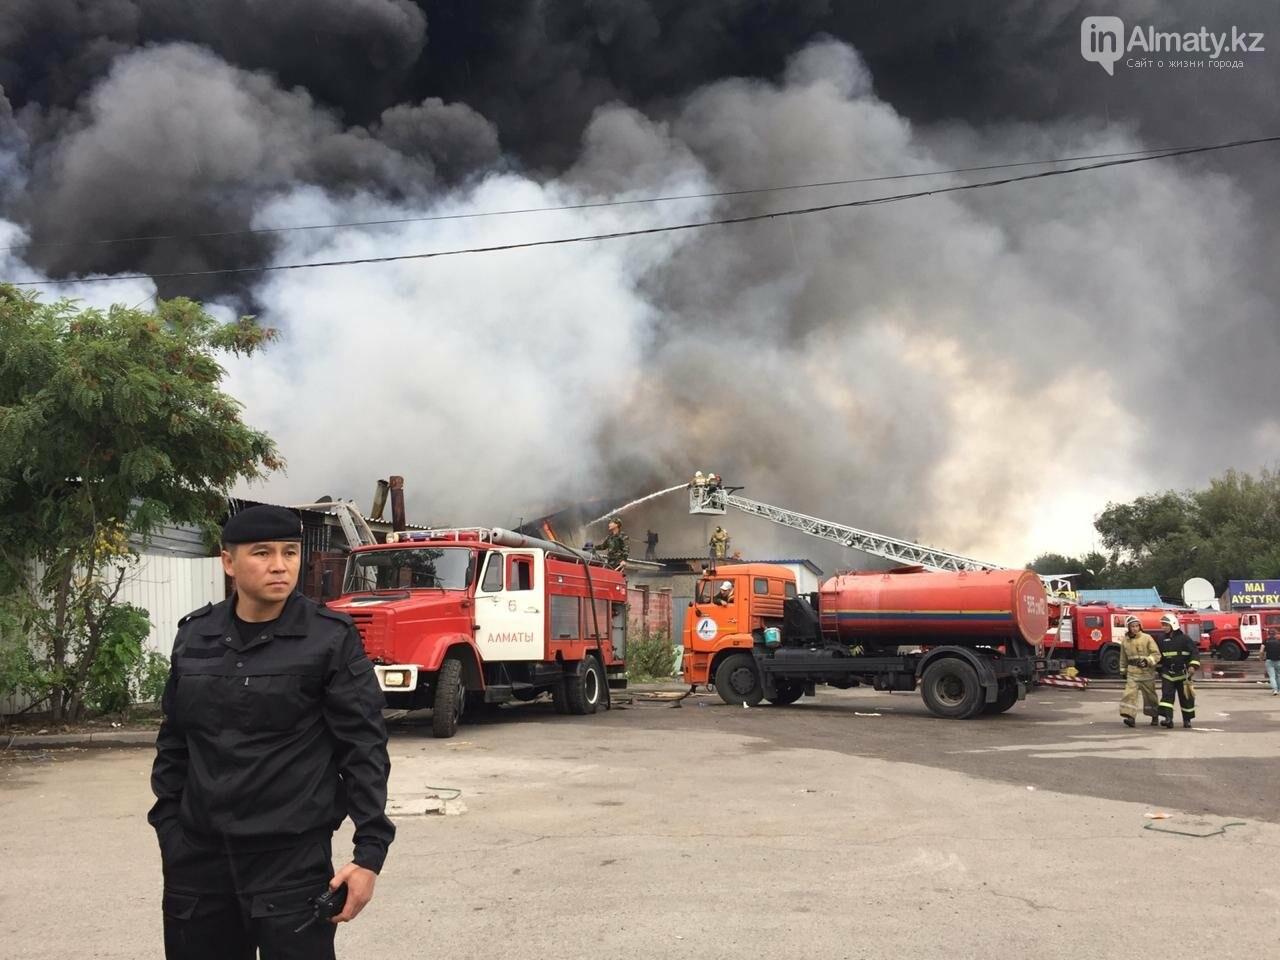 Пожар на складе рынка в Алматы: вертолеты направили на тушение, фото-2